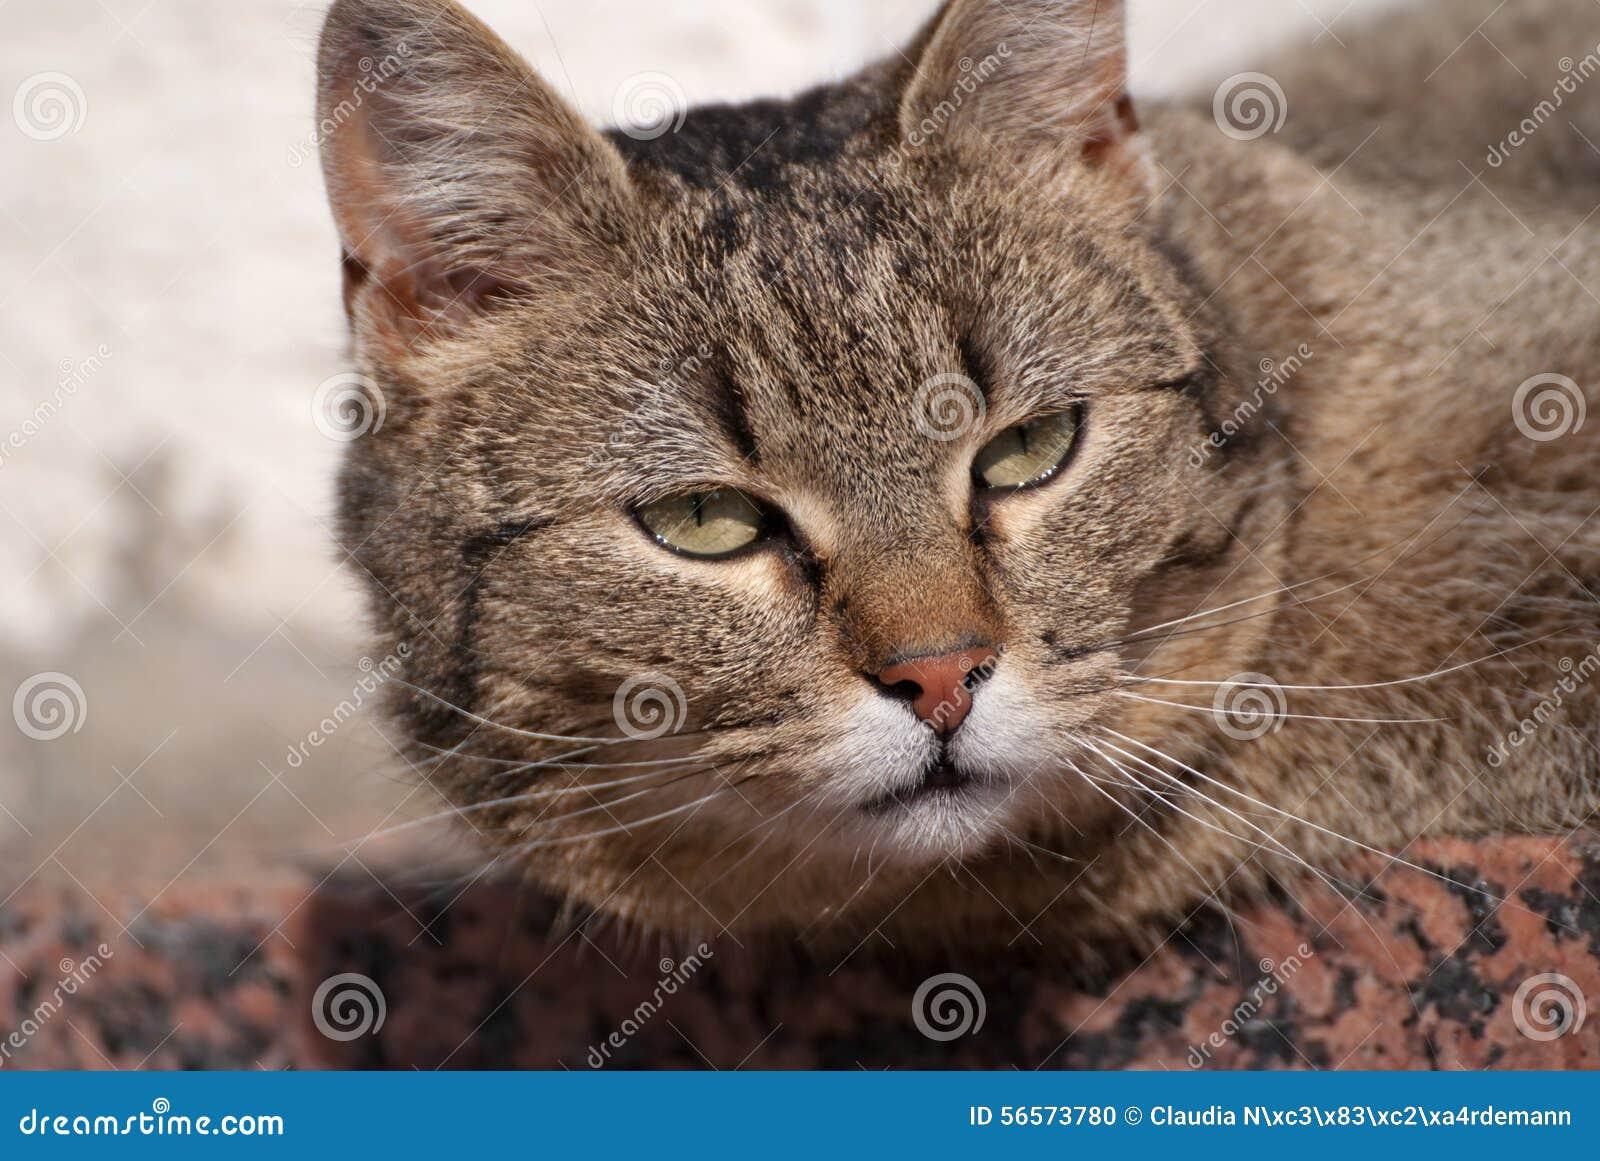 Download Ριγωτό tomcat στοκ εικόνες. εικόνα από θηλαστικό, τίγρη - 56573780